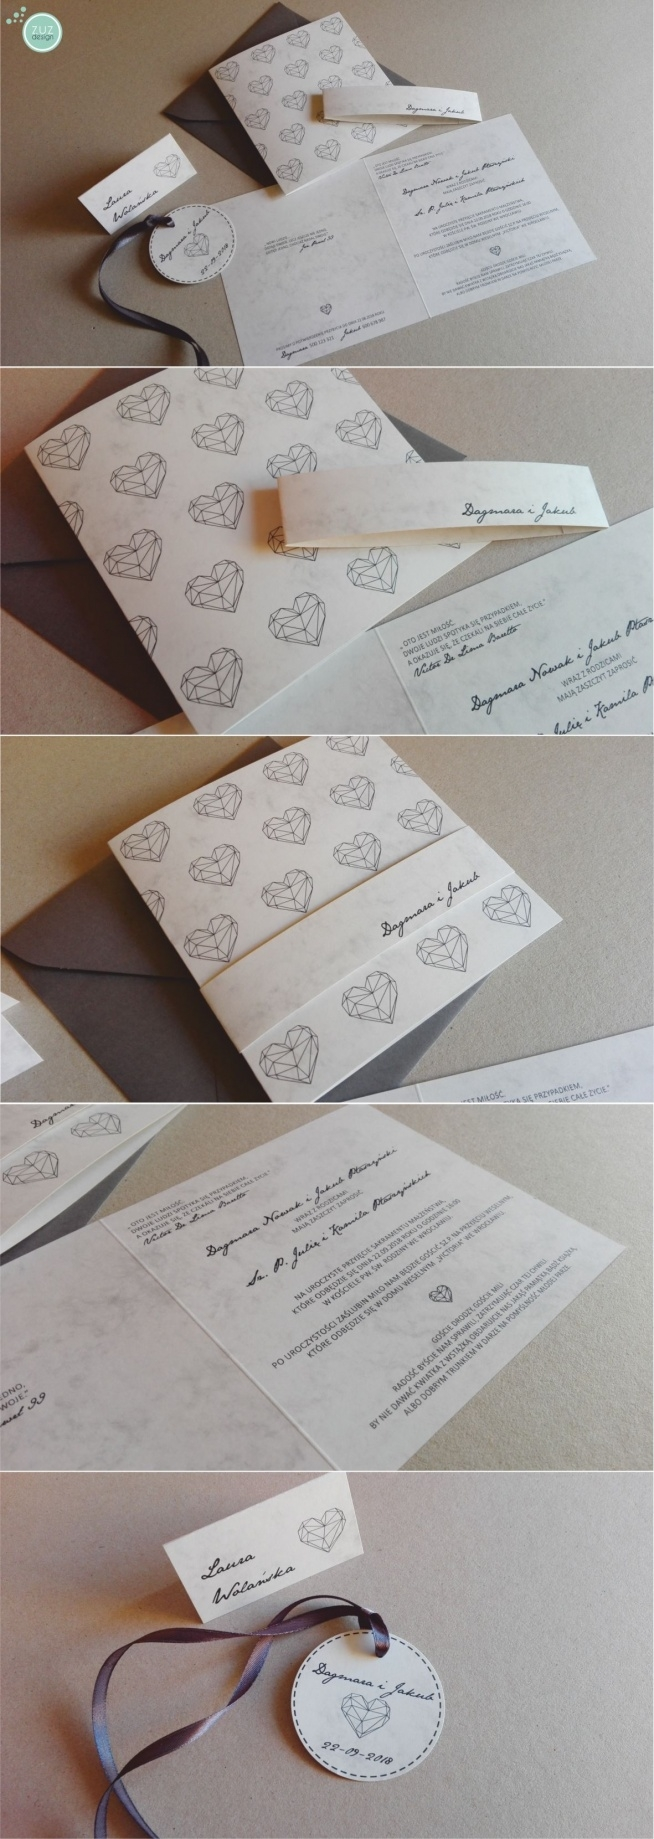 Zaproszenia ślubne. Kolekcja Lea. zuzdesign/facebook